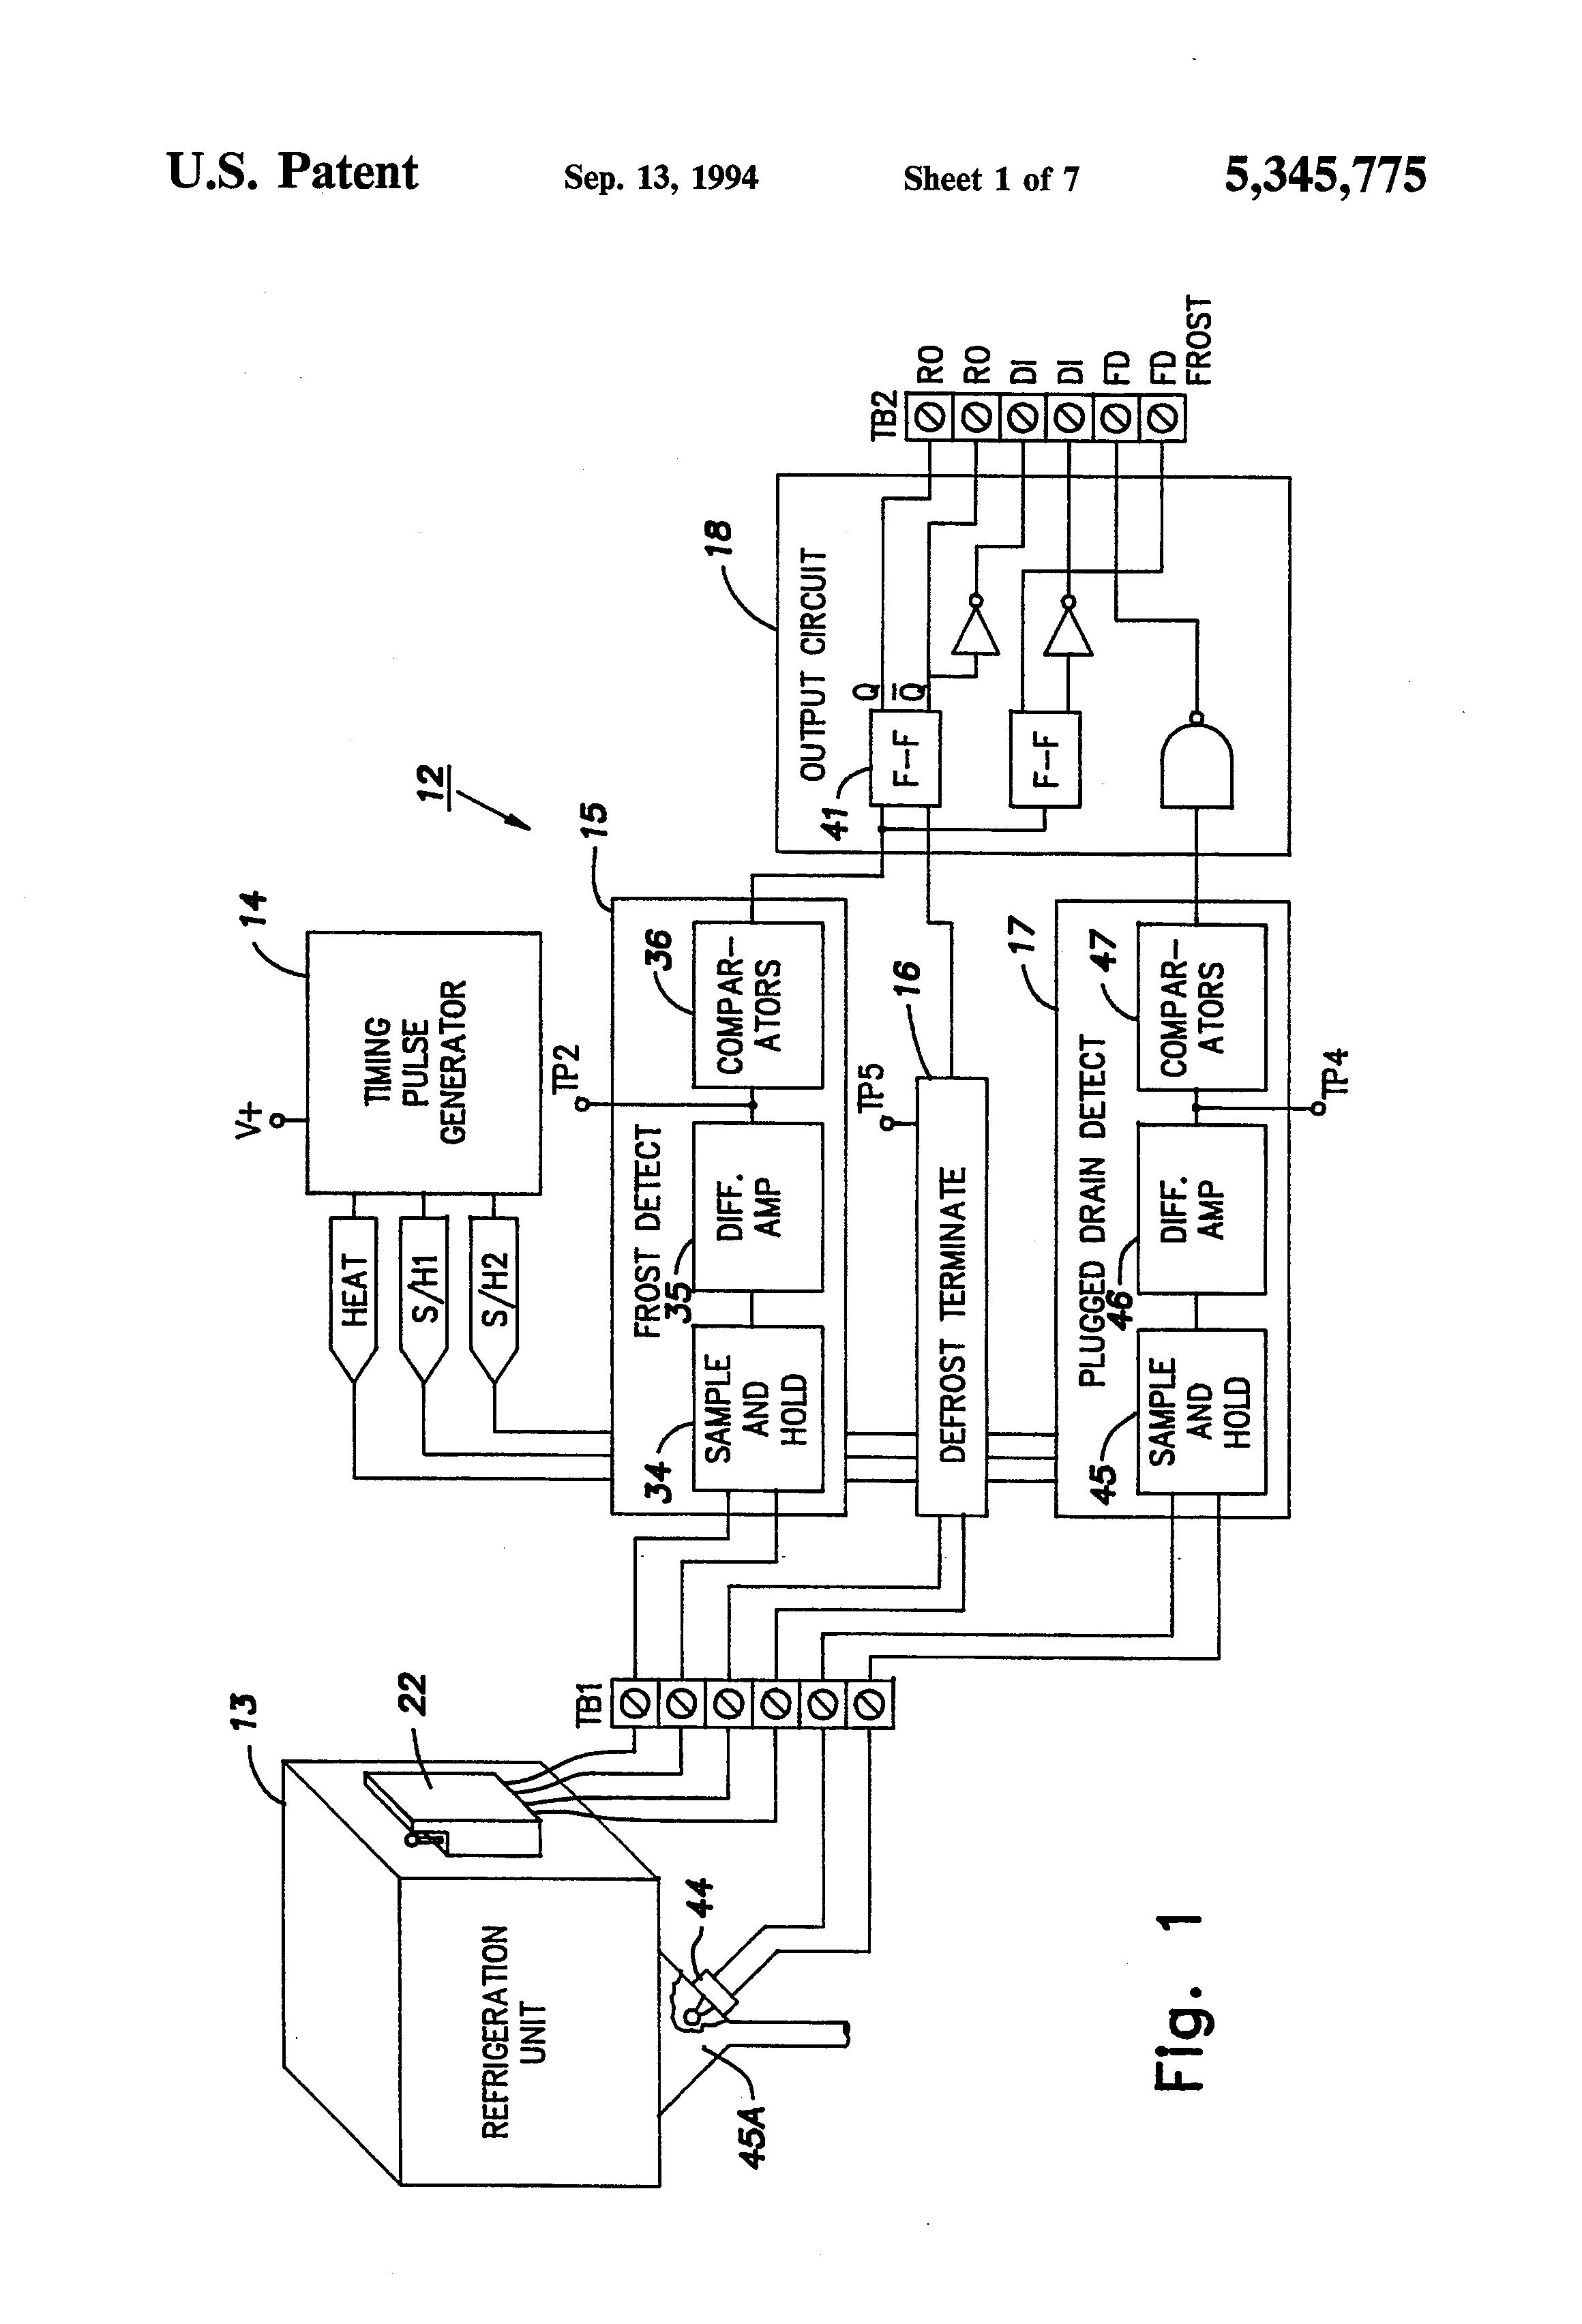 Typical Wiring Diagram Walk In Cooler from schematron.org